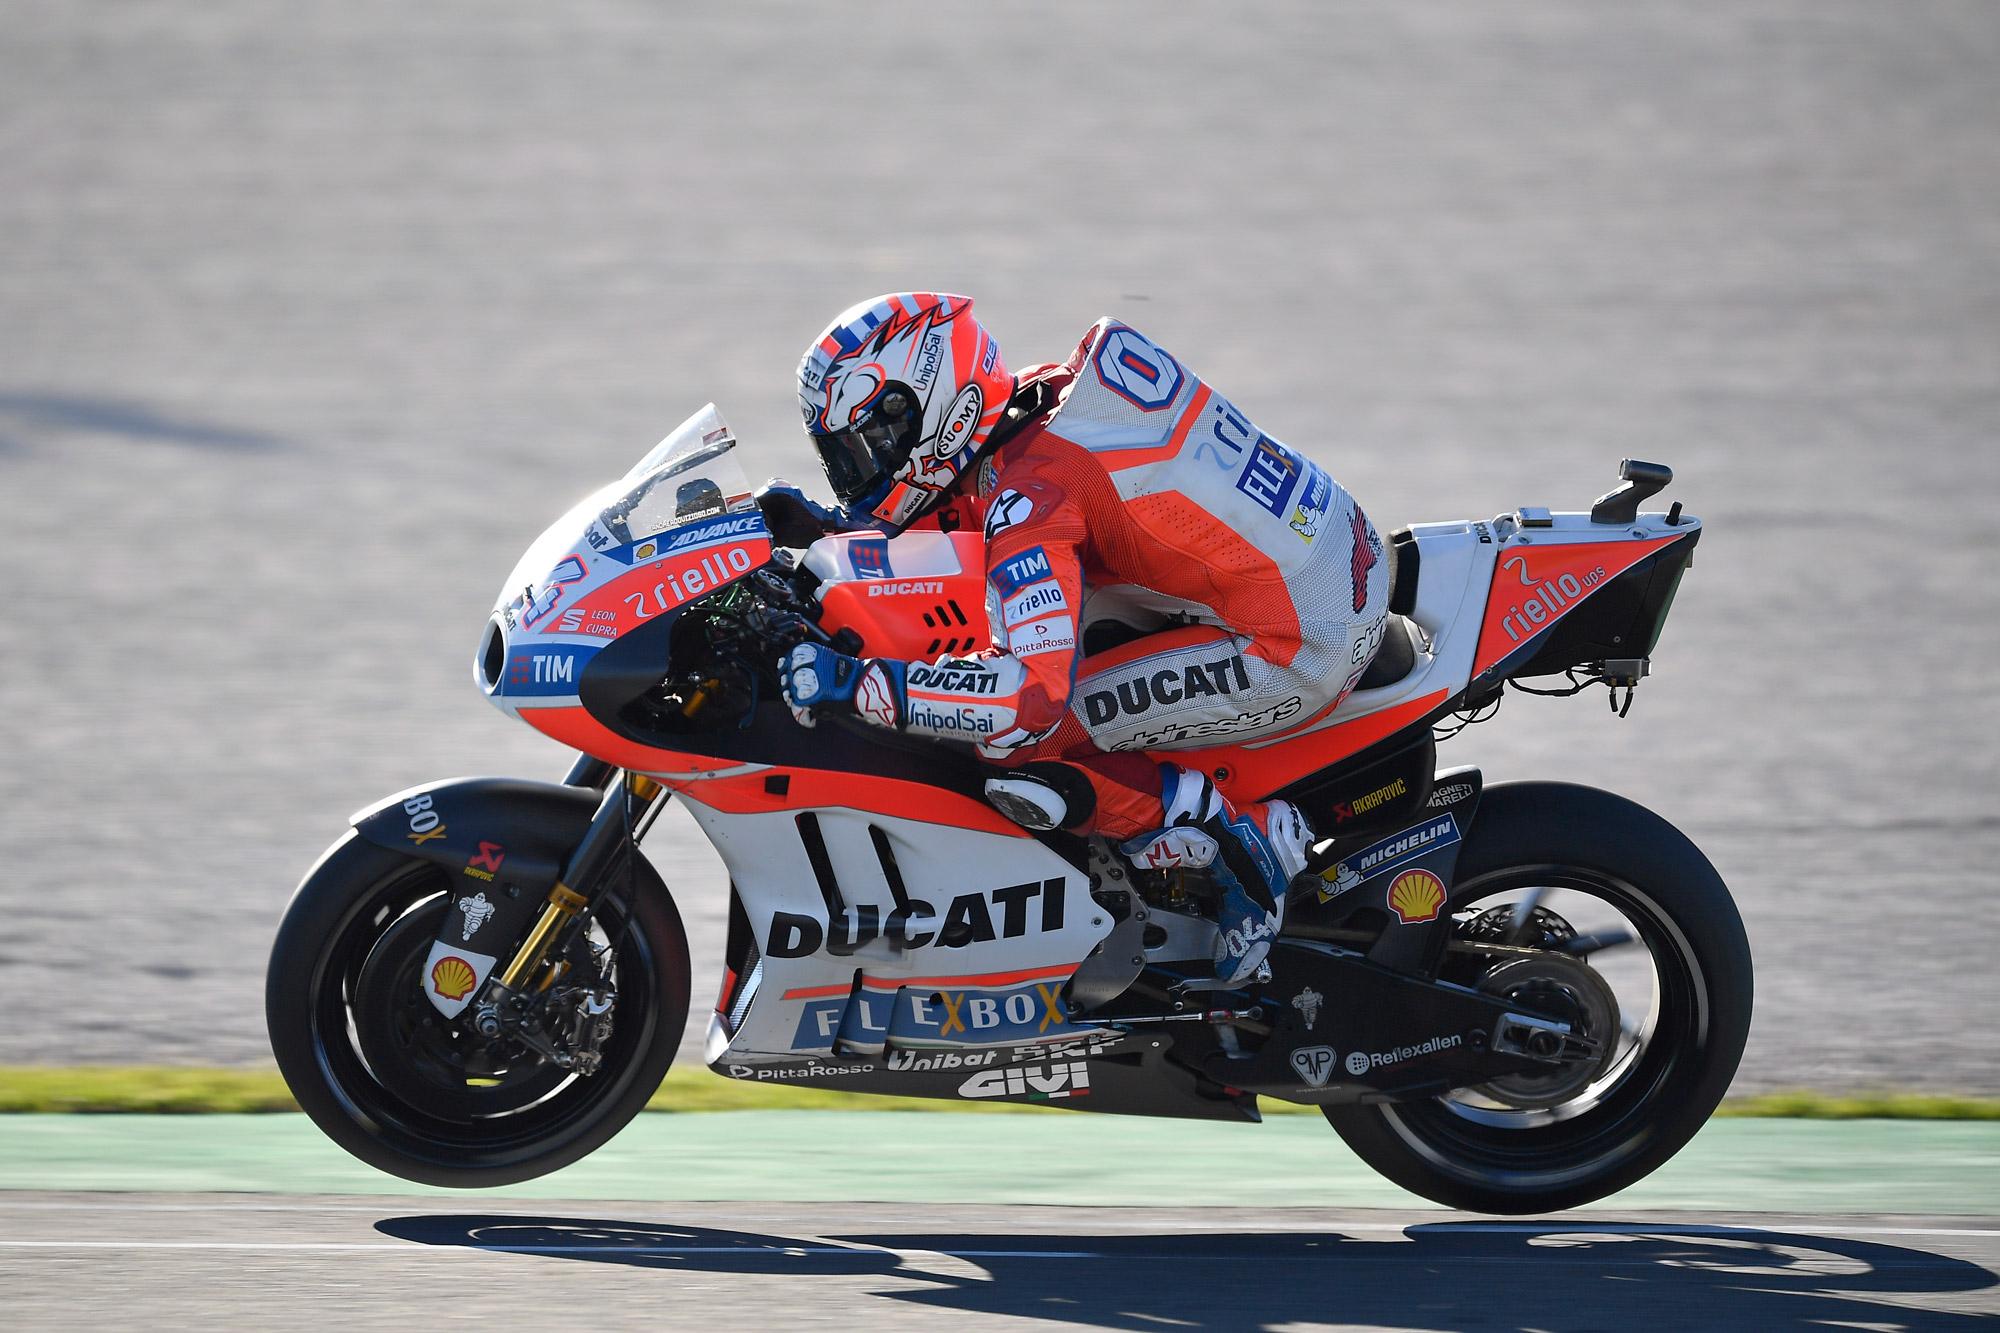 Dovizioso chiude il Mondiale MotoGP in 2° posizione. Ducati fuori a Valencia